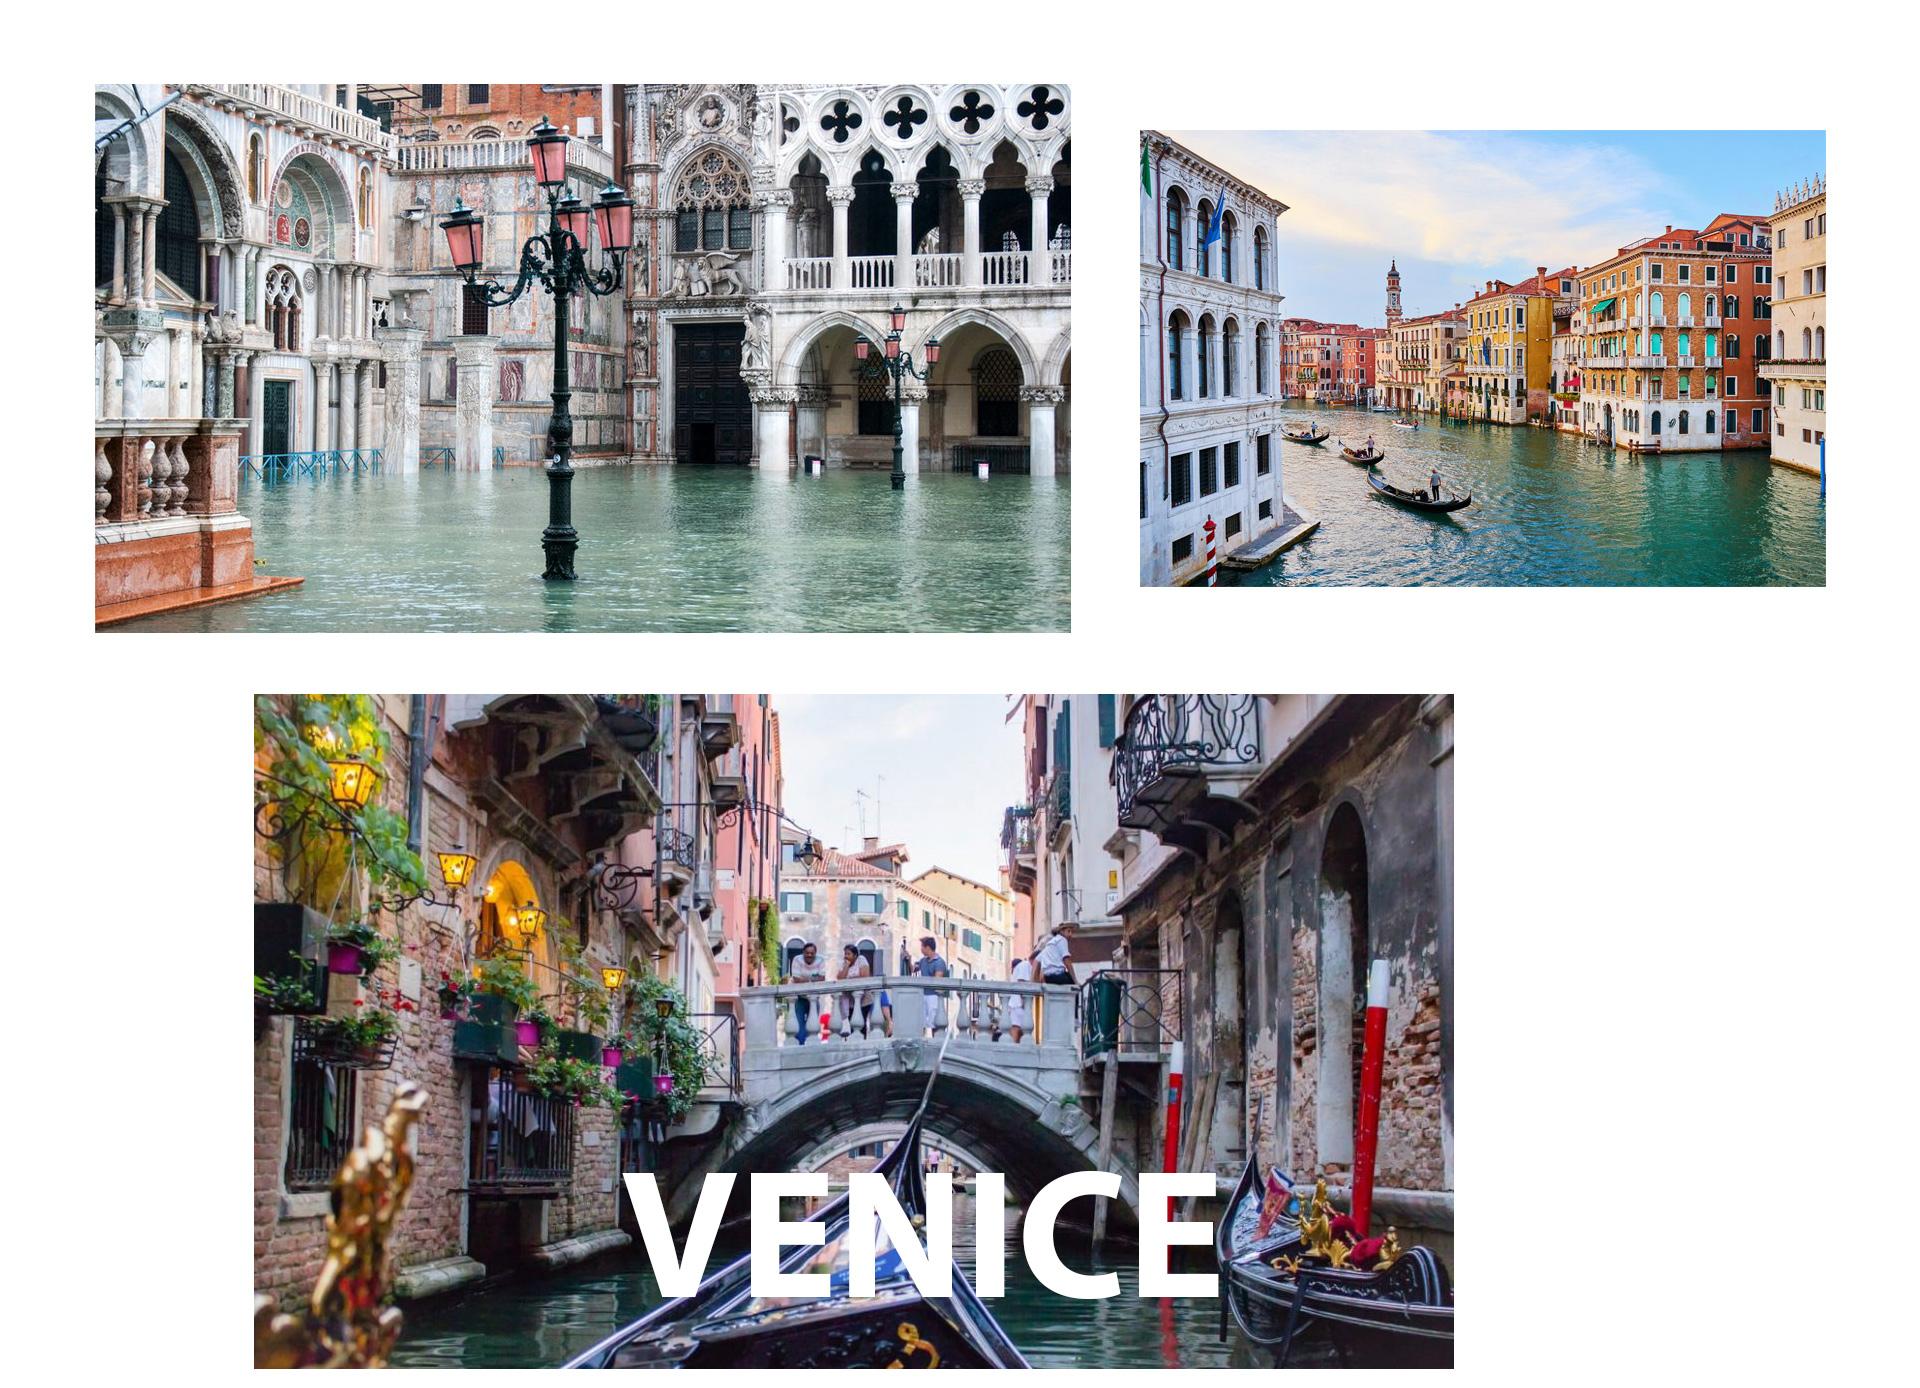 Những điểm đến tuyệt vời nhất nước Ý bạn nên đến 1 lần trong đời - 8